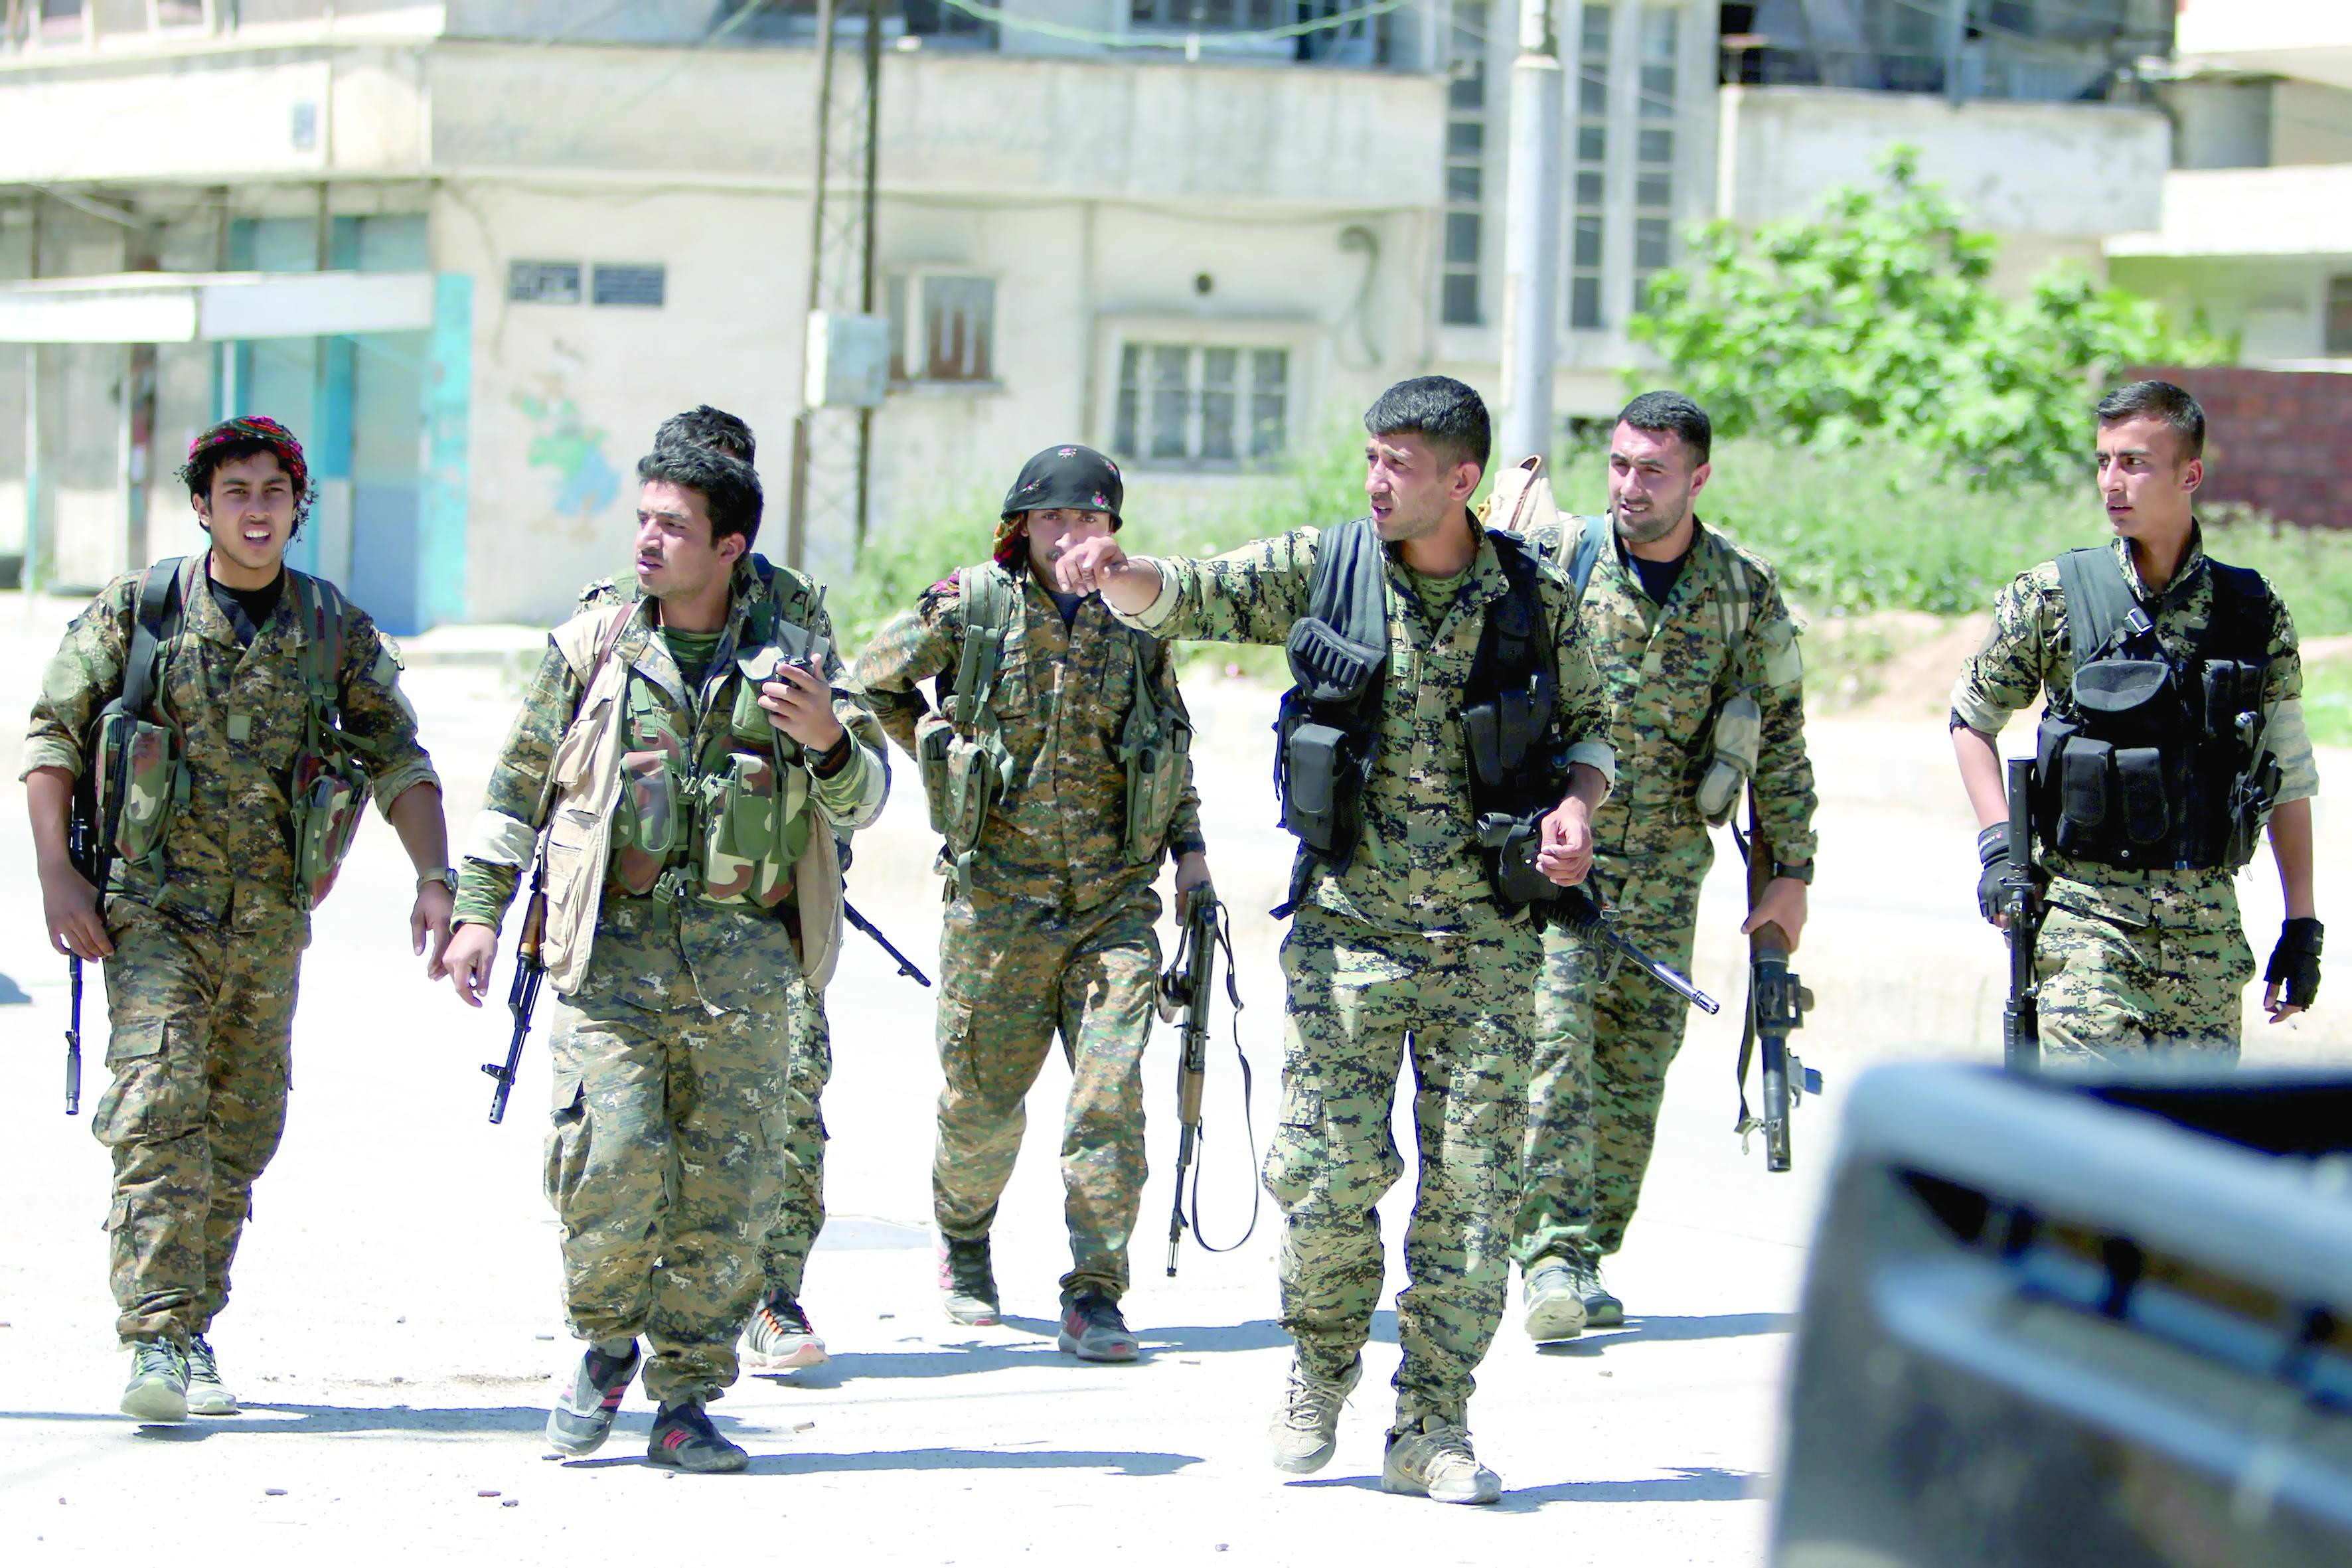 تقرير إخباري:اتفاق بين الحكومة السورية والأكراد على عودة الهدوء إلى القامشلي وتبادل المعتقلين